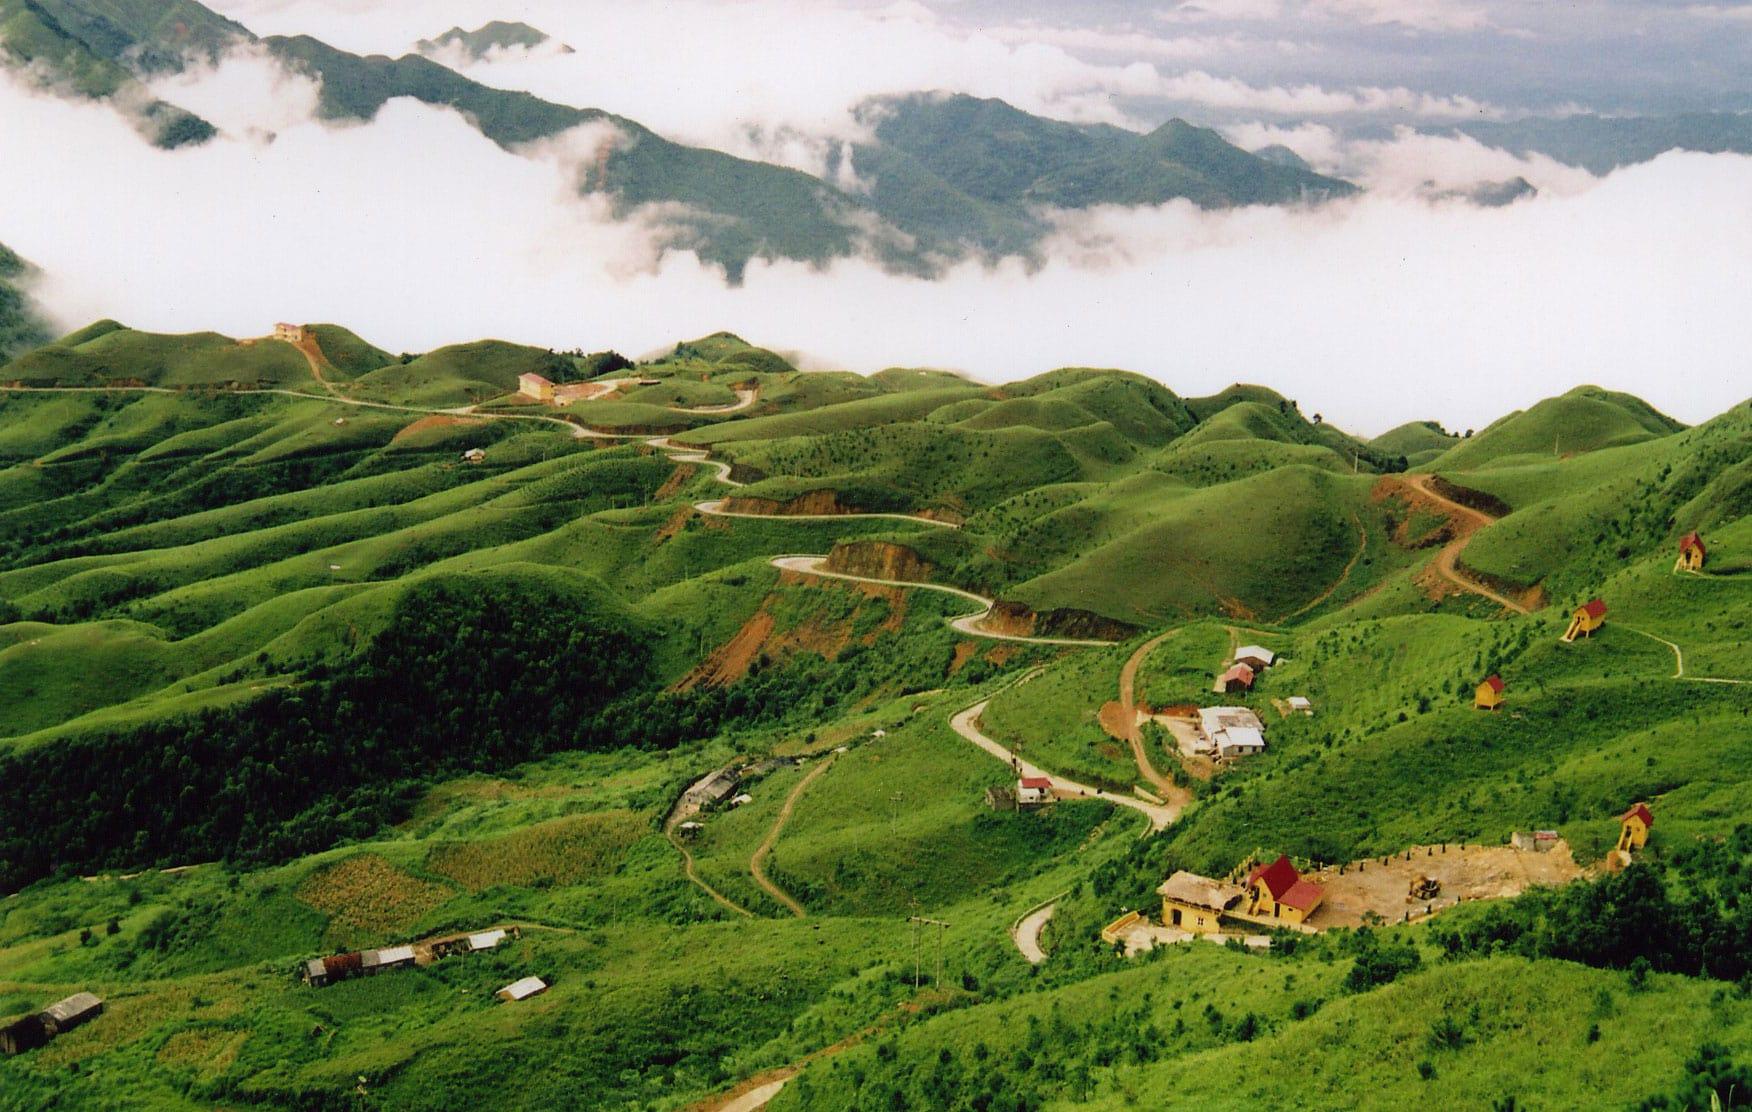 Bán nhớt Repsol chất lượng cao tại Lạng Sơn